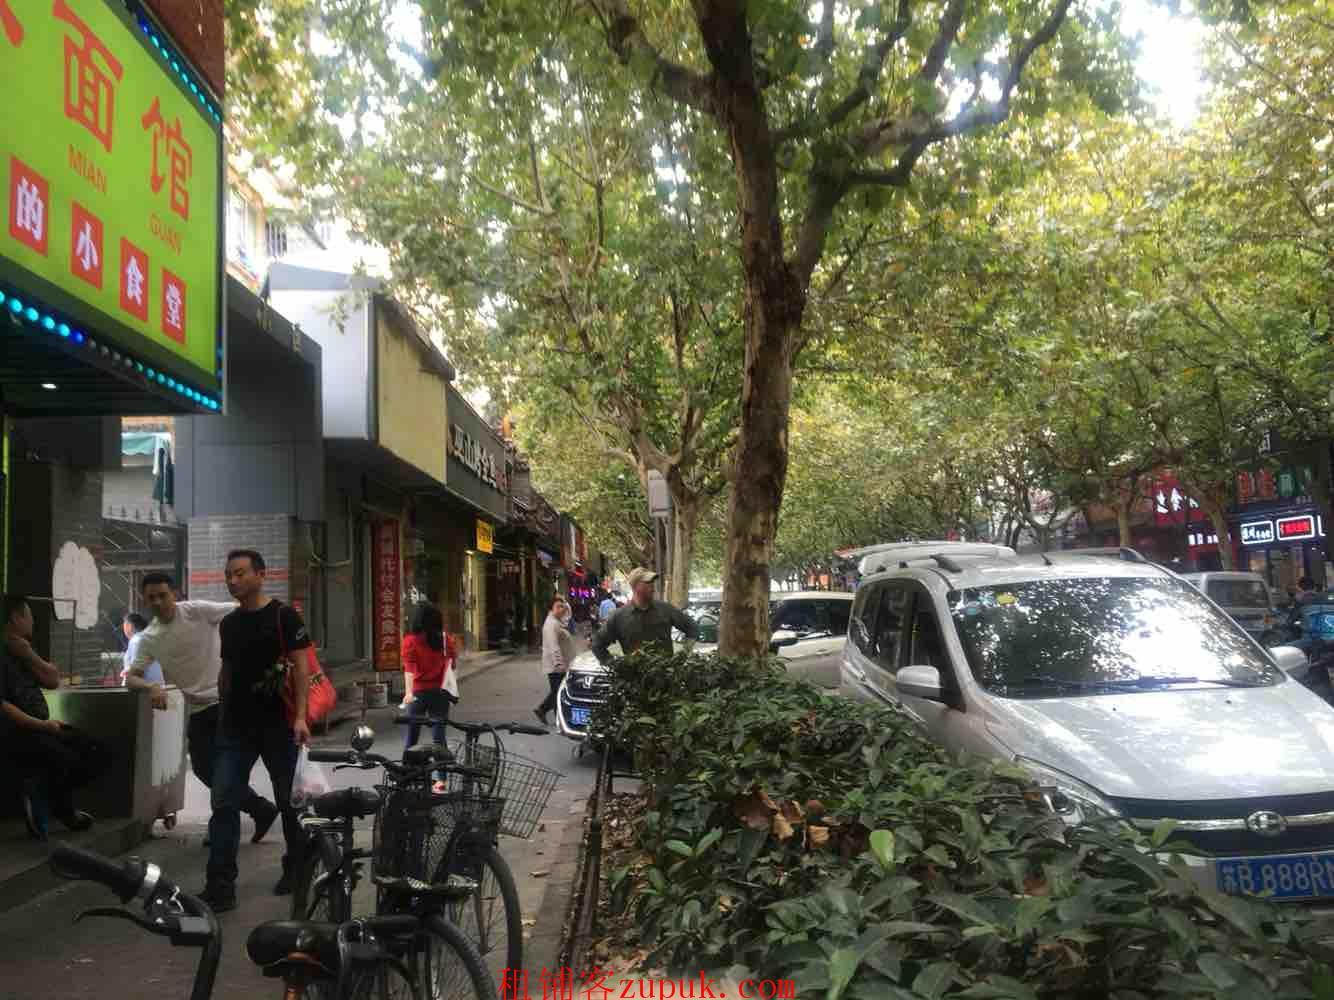 浦东蓝村路店面招租重餐饮执照有煤气人流超大